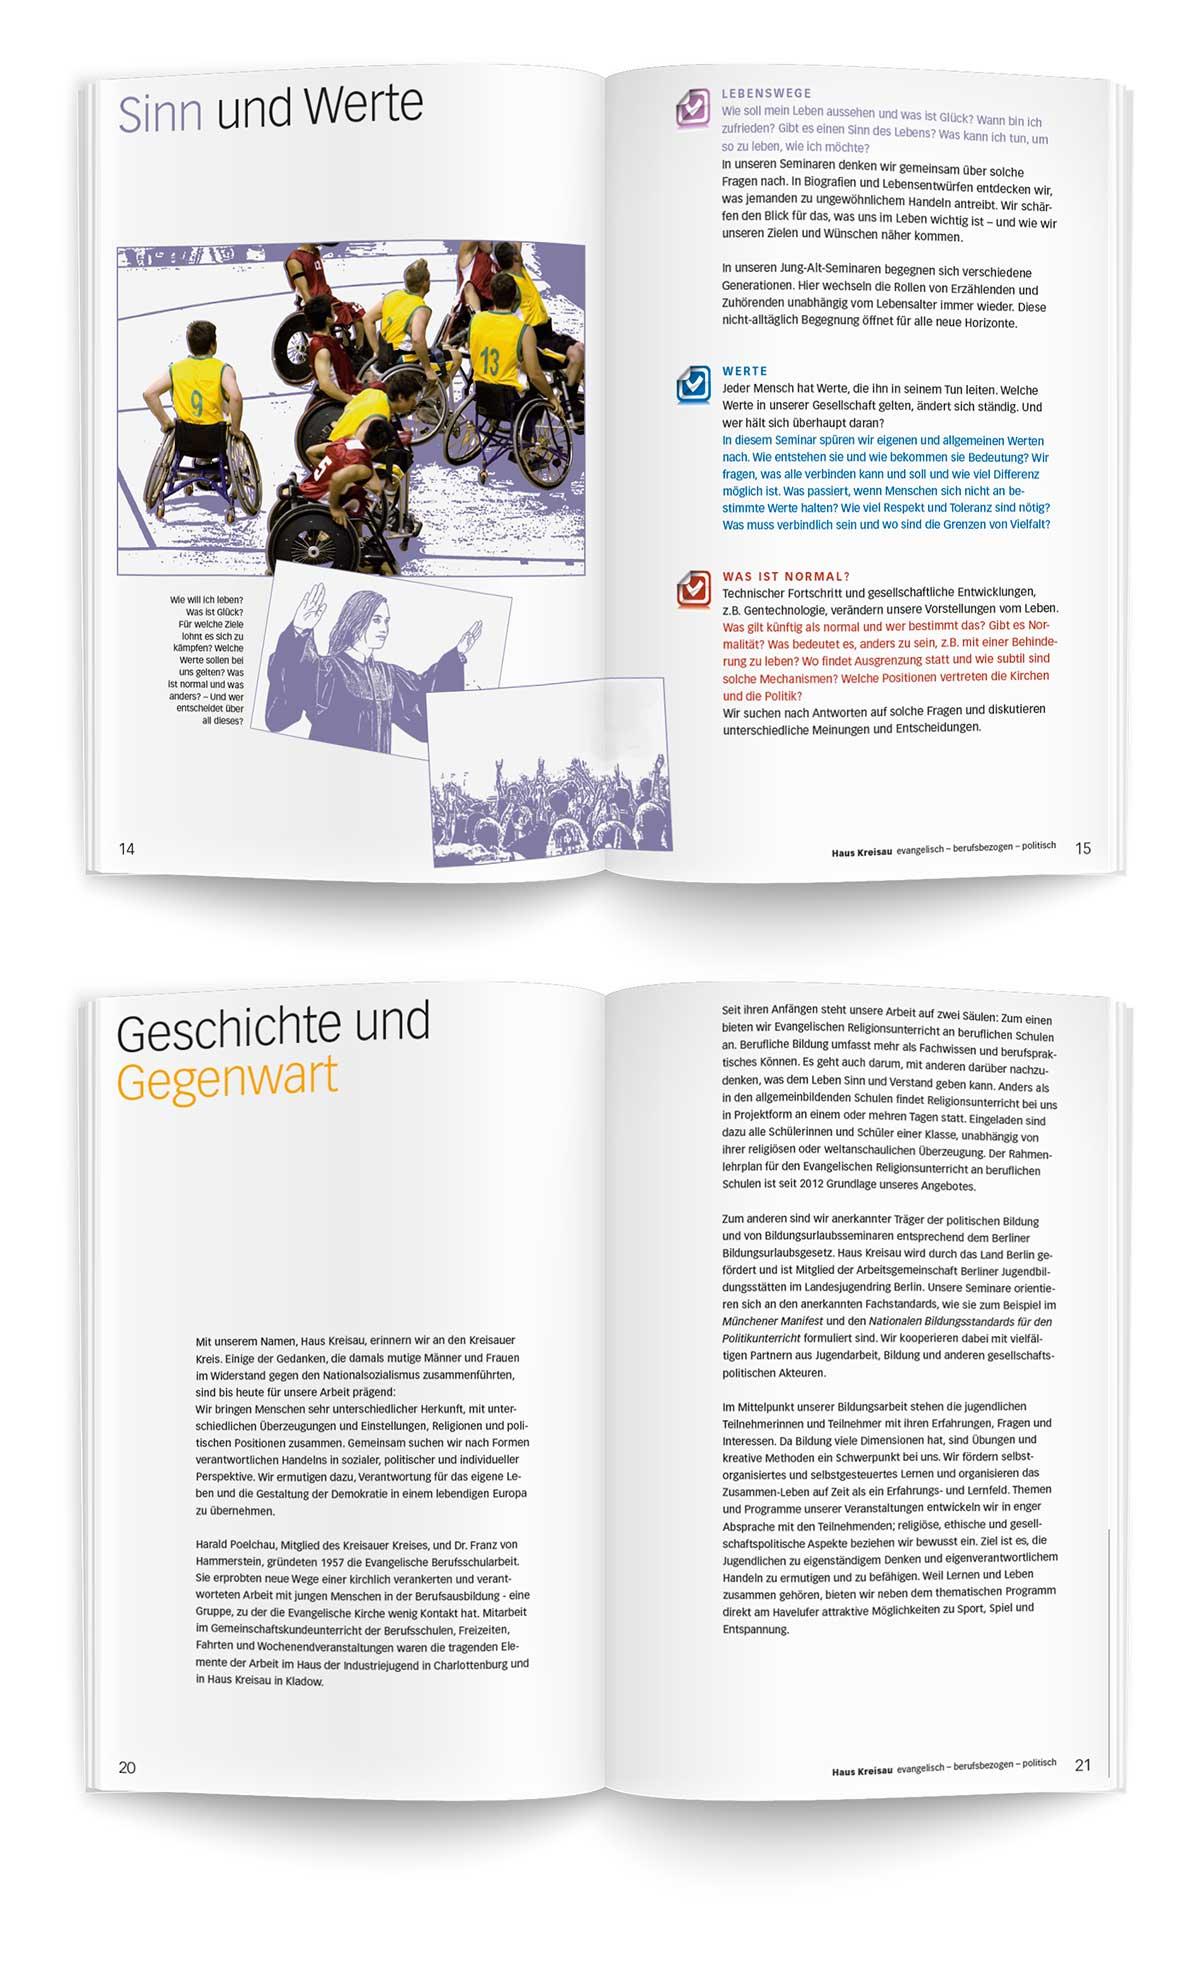 Evangelische Berufsschularbeit Haus Kreisau Image Broschüre Teil 2